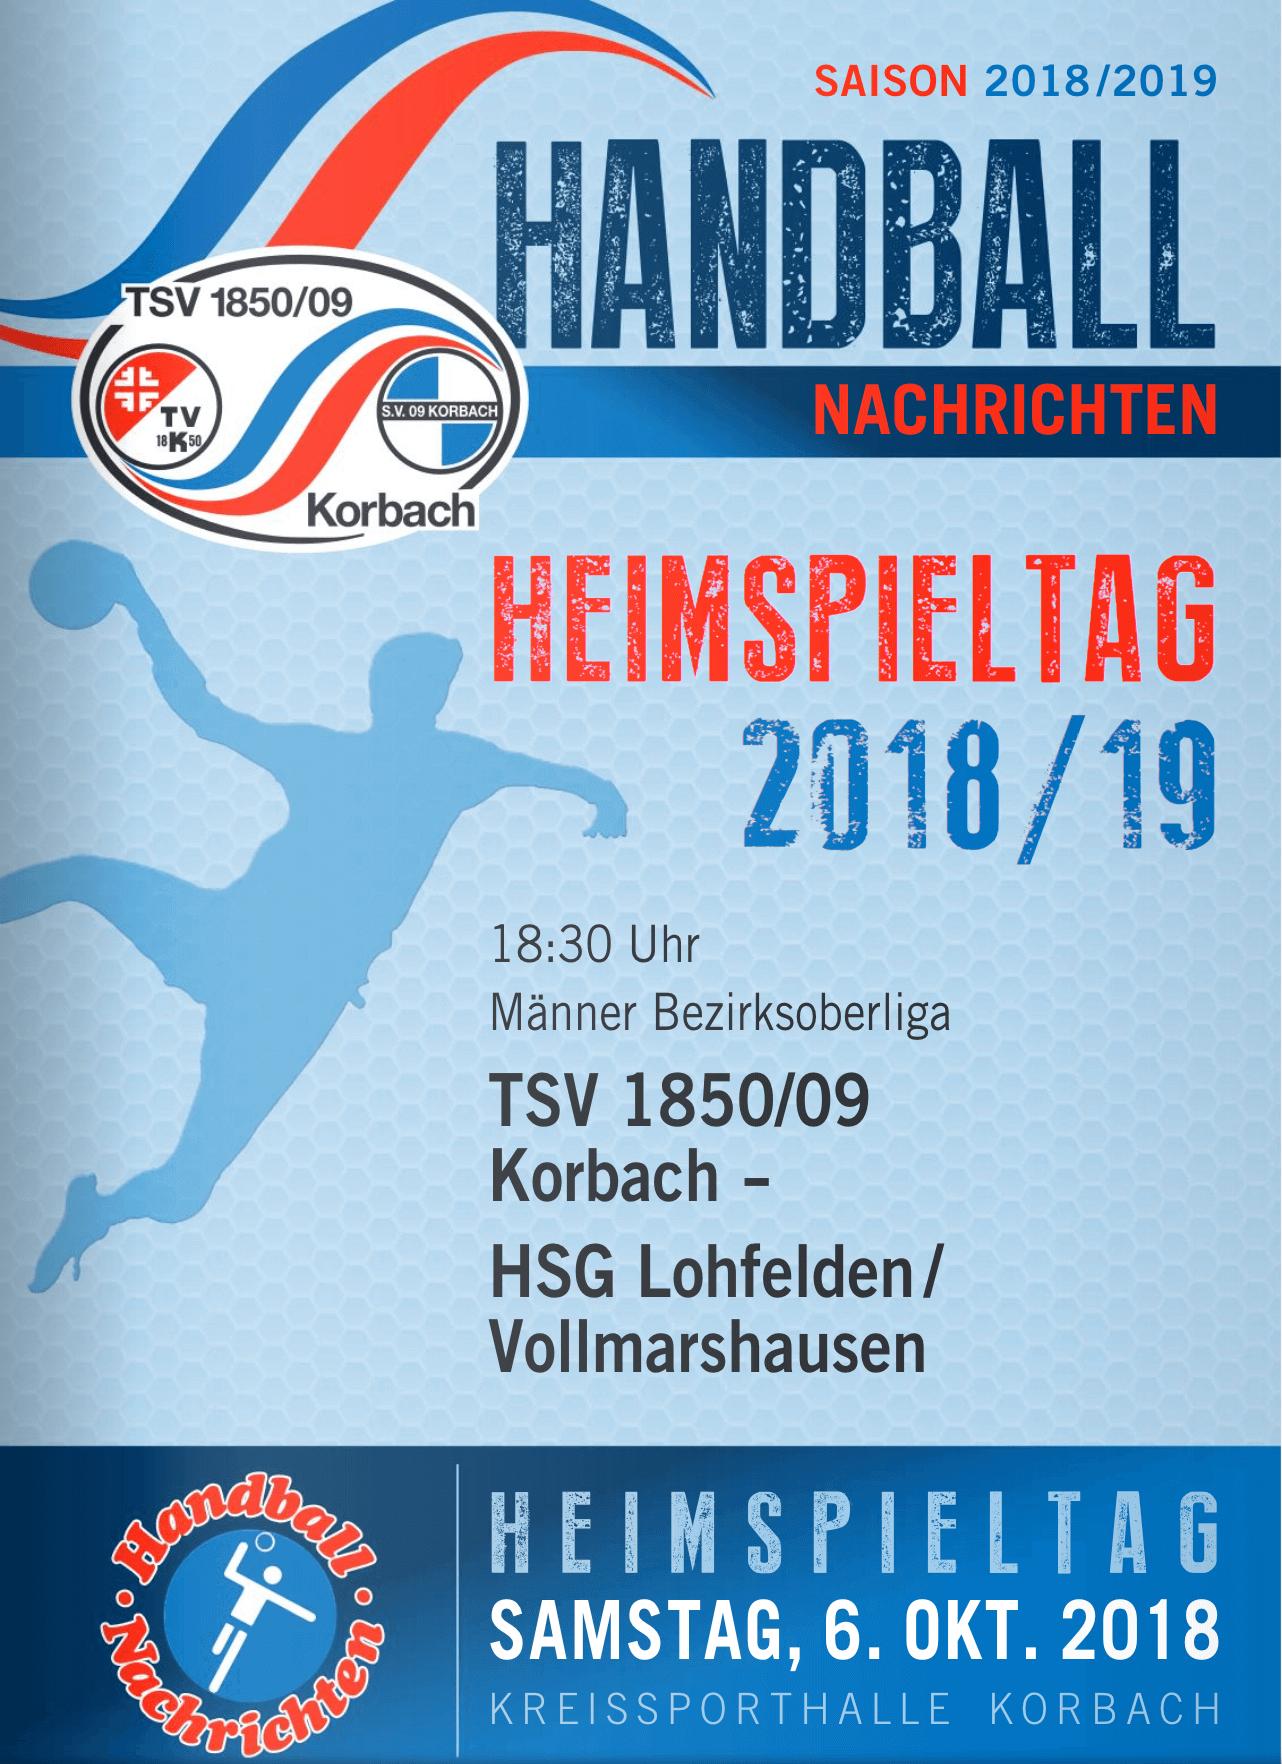 Hallenzeitung (Handball) vom 06.10.2018